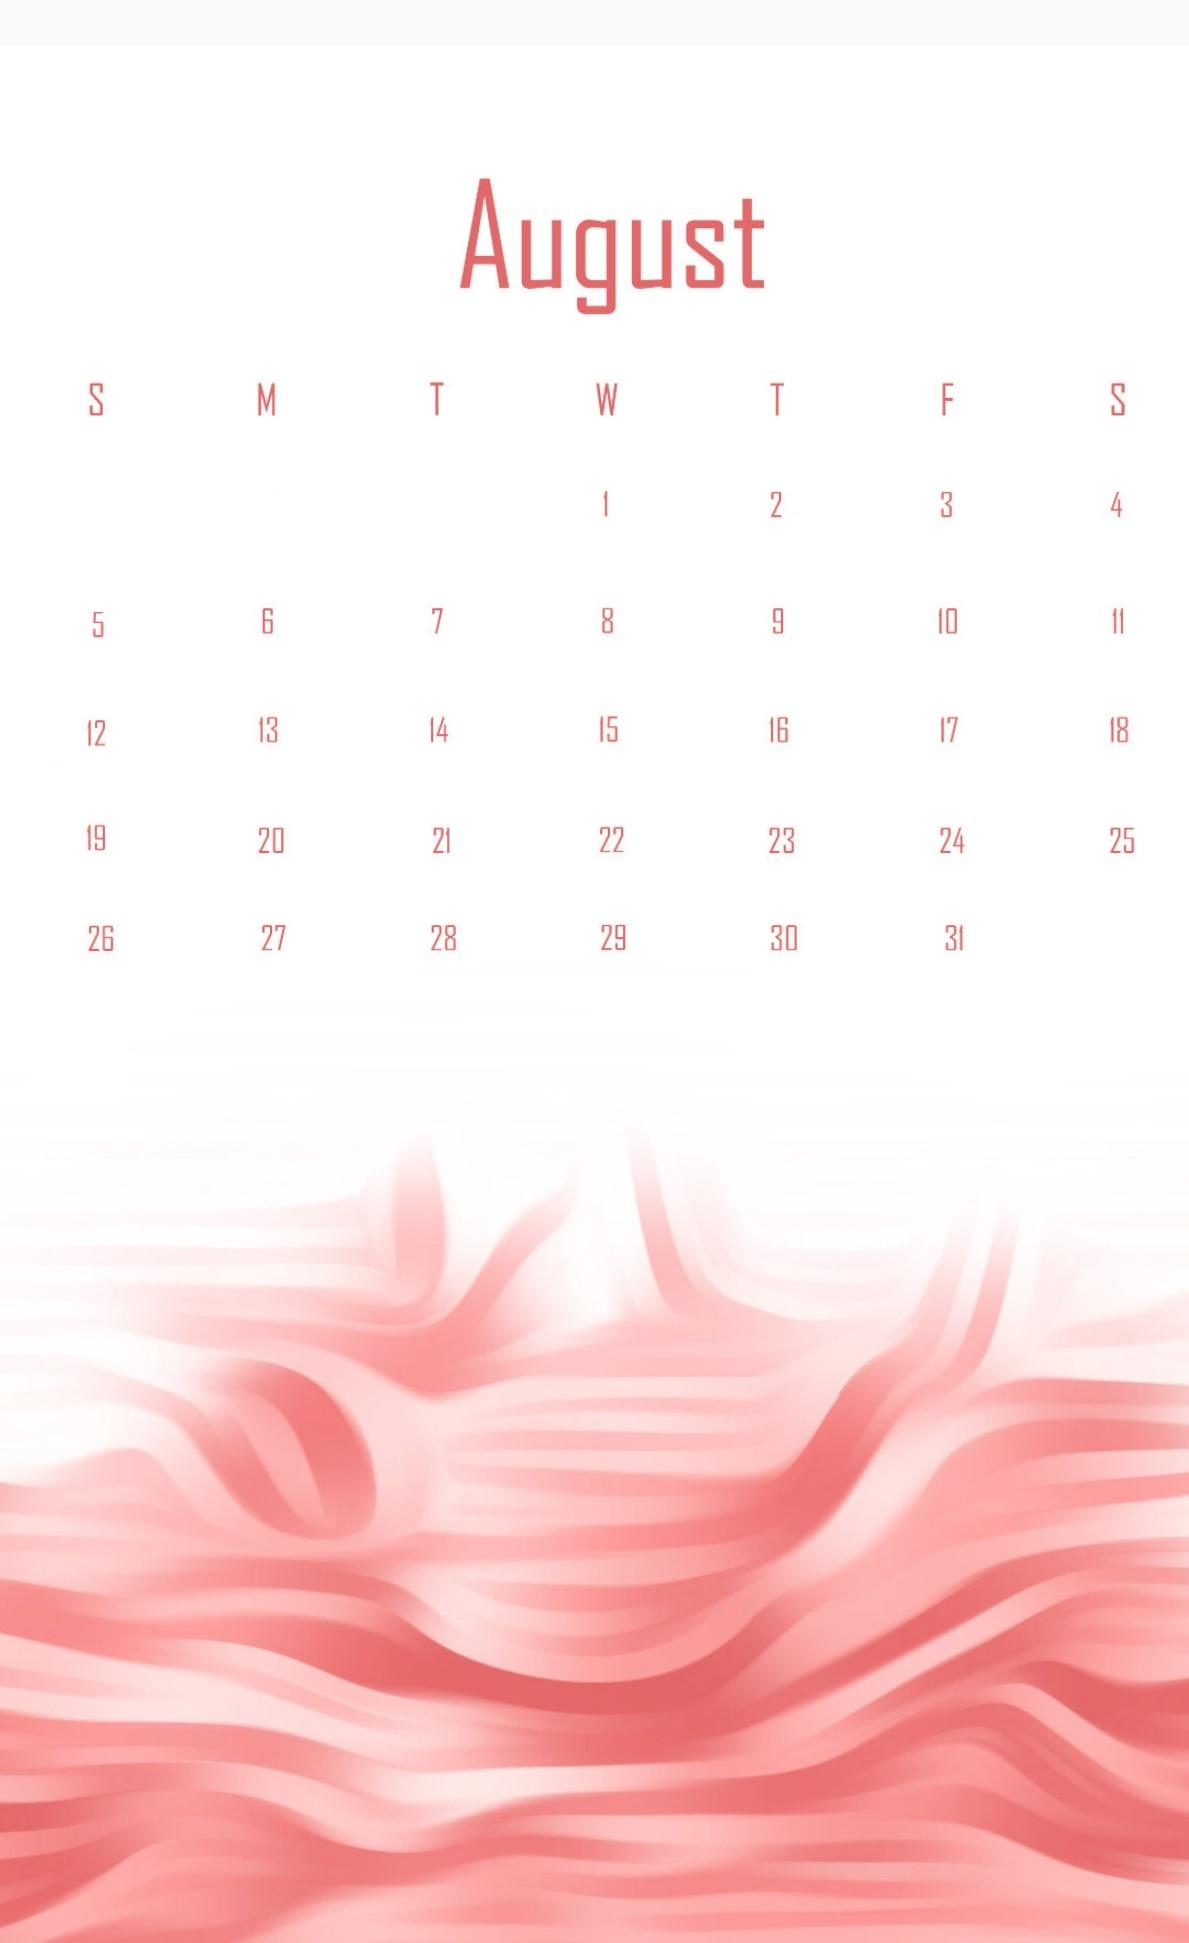 August 2018 Desk Calendar Template